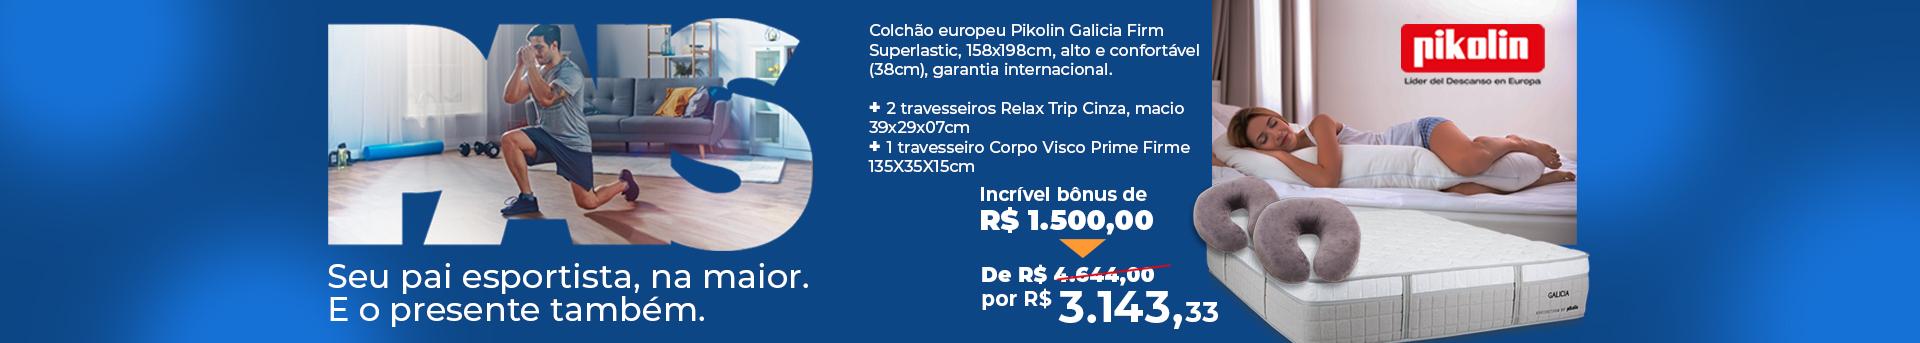 Pais Kit 4 Galicia+ trav+relax